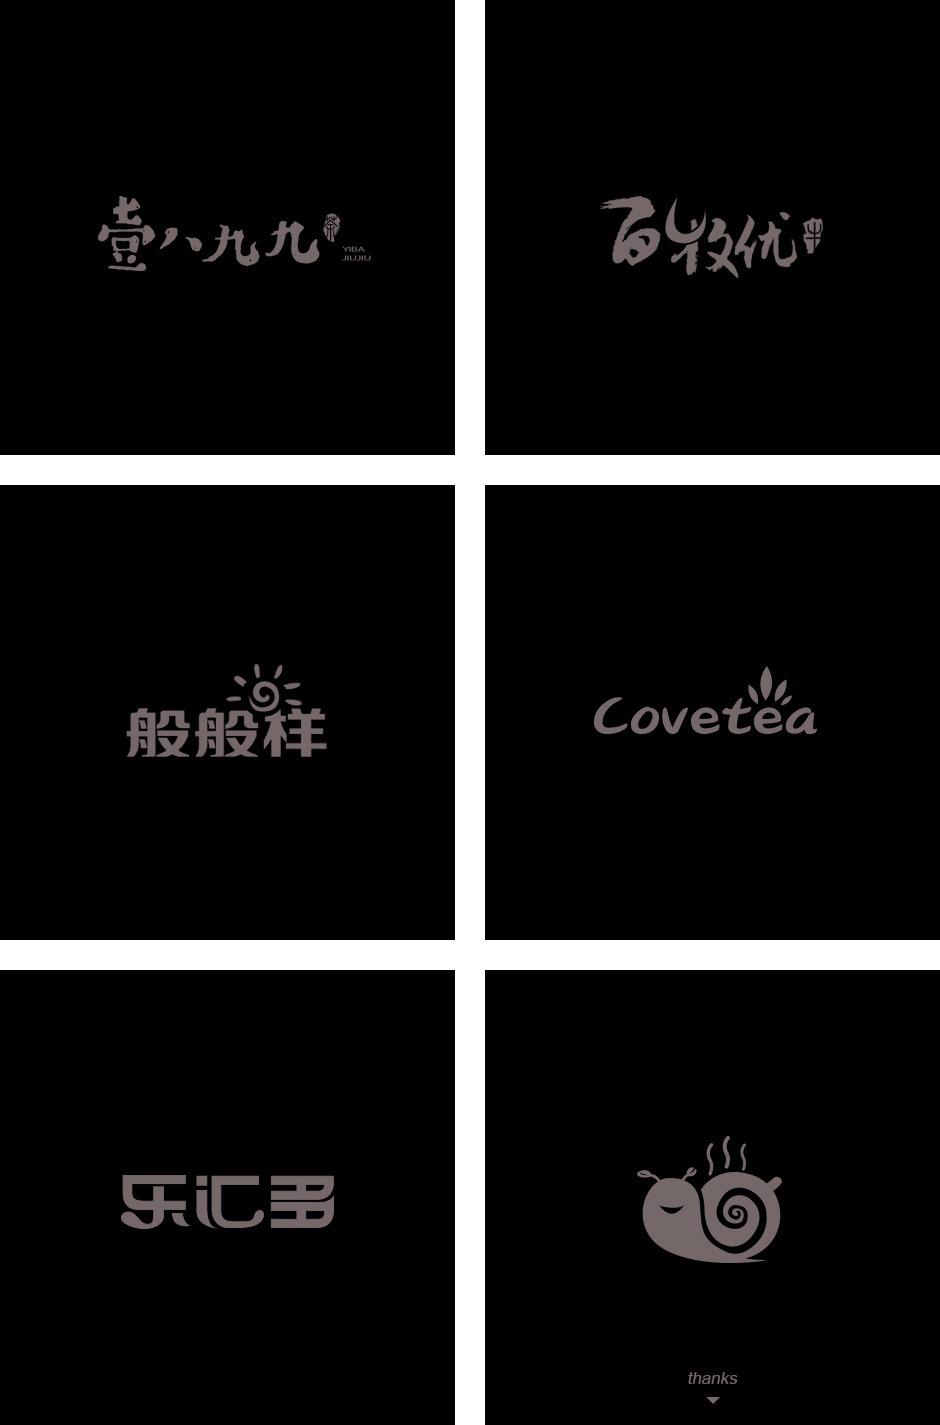 站酷推荐-高级字体设计师:赵显昌图片